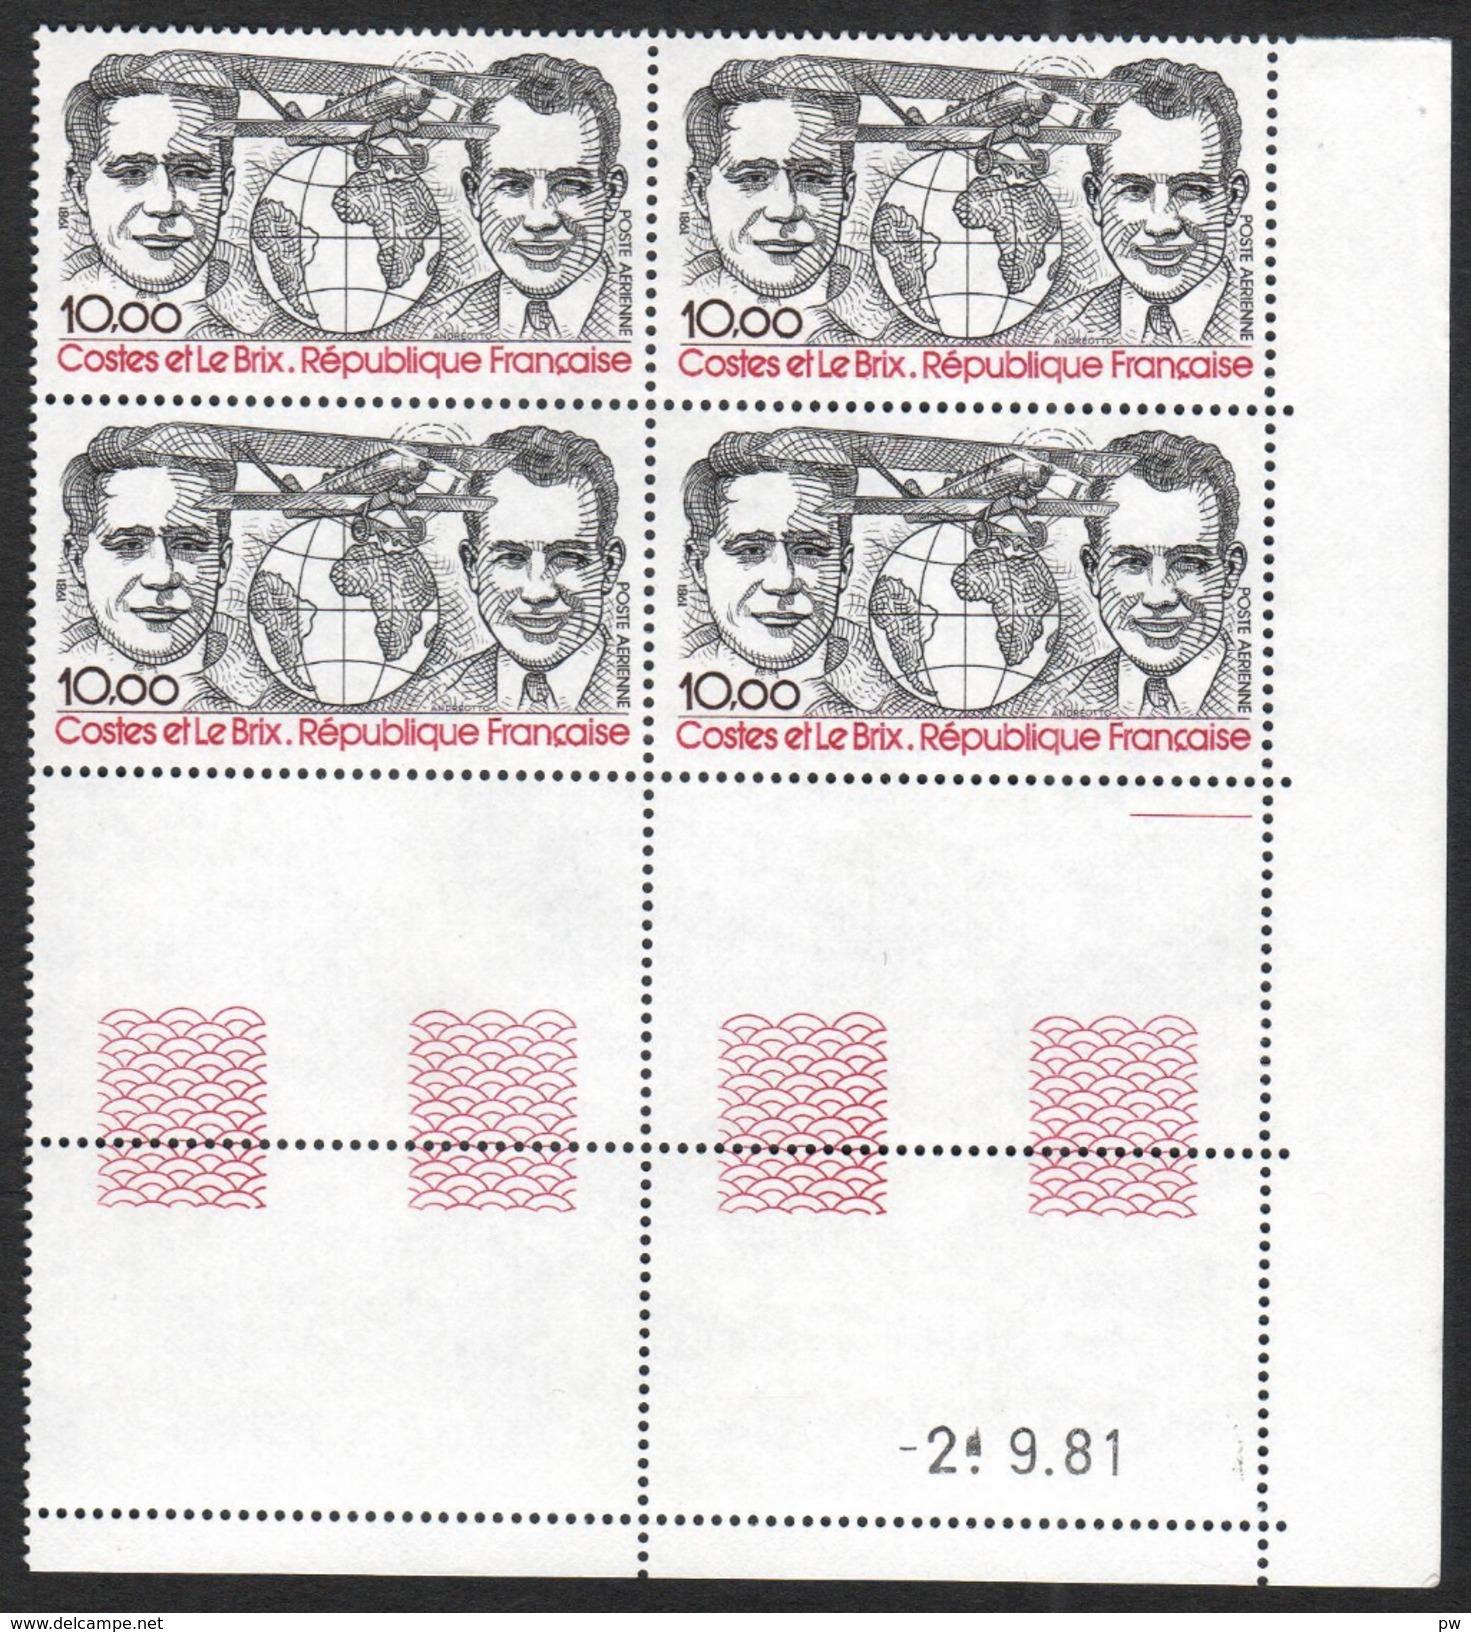 FRANCE 1981 YT Avion N° 55 10,00 COSTES Et LE BRIX Bloc De 4 Coin Daté, Neuf, ** - Poste Aérienne